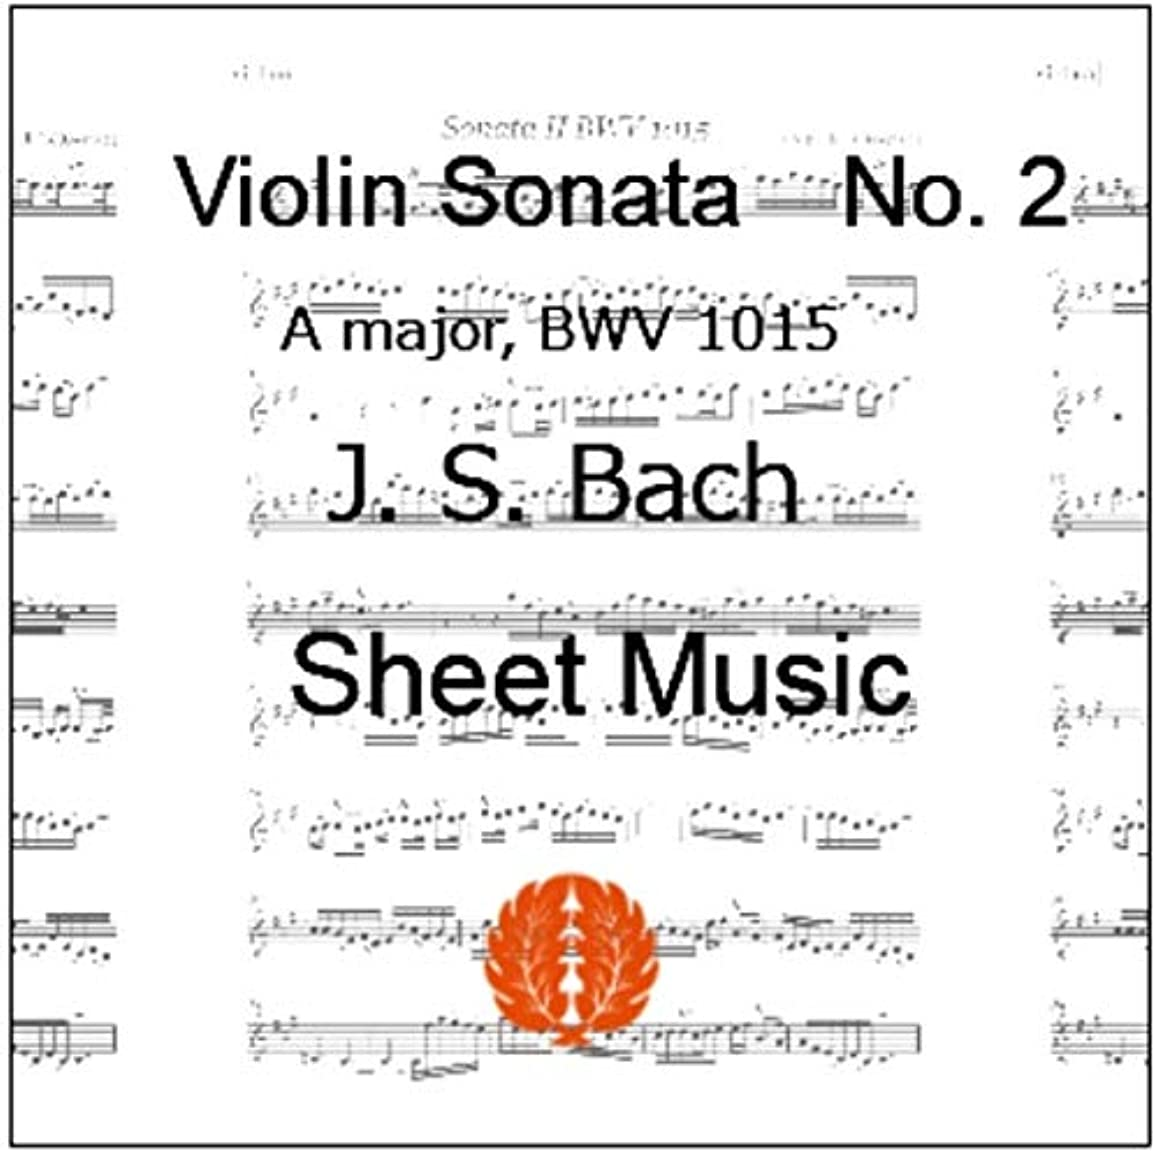 楽譜 pdf J.S.バッハ ヴァイオリンとチェンバロのためのソナタ 第2番 イ長調 BWV1015